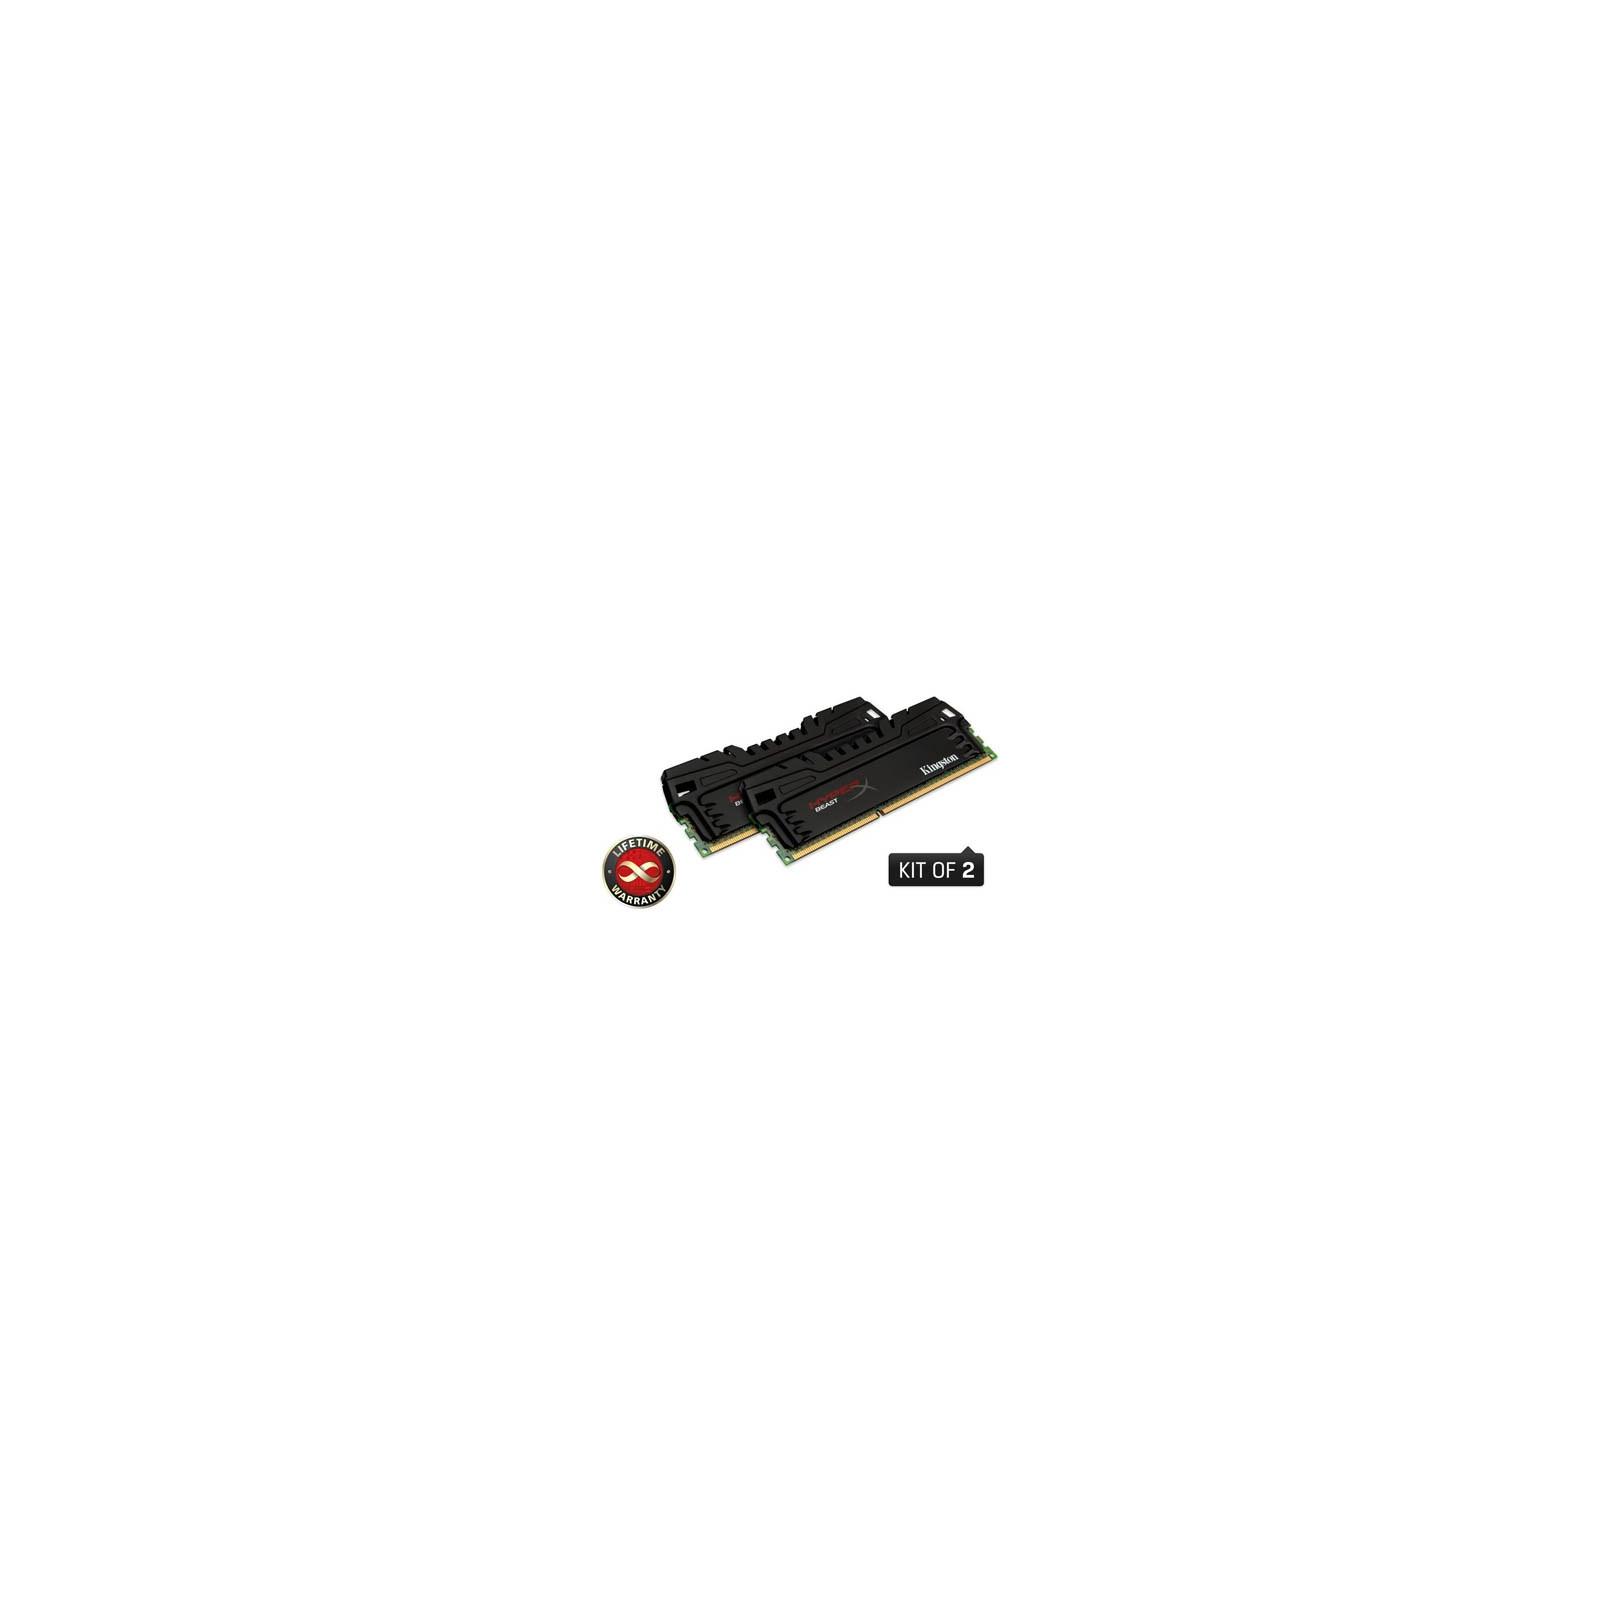 Модуль памяти для компьютера DDR3 16GB (2x8GB) 2400 MHz Kingston (KHX24C11T3K2/16X)